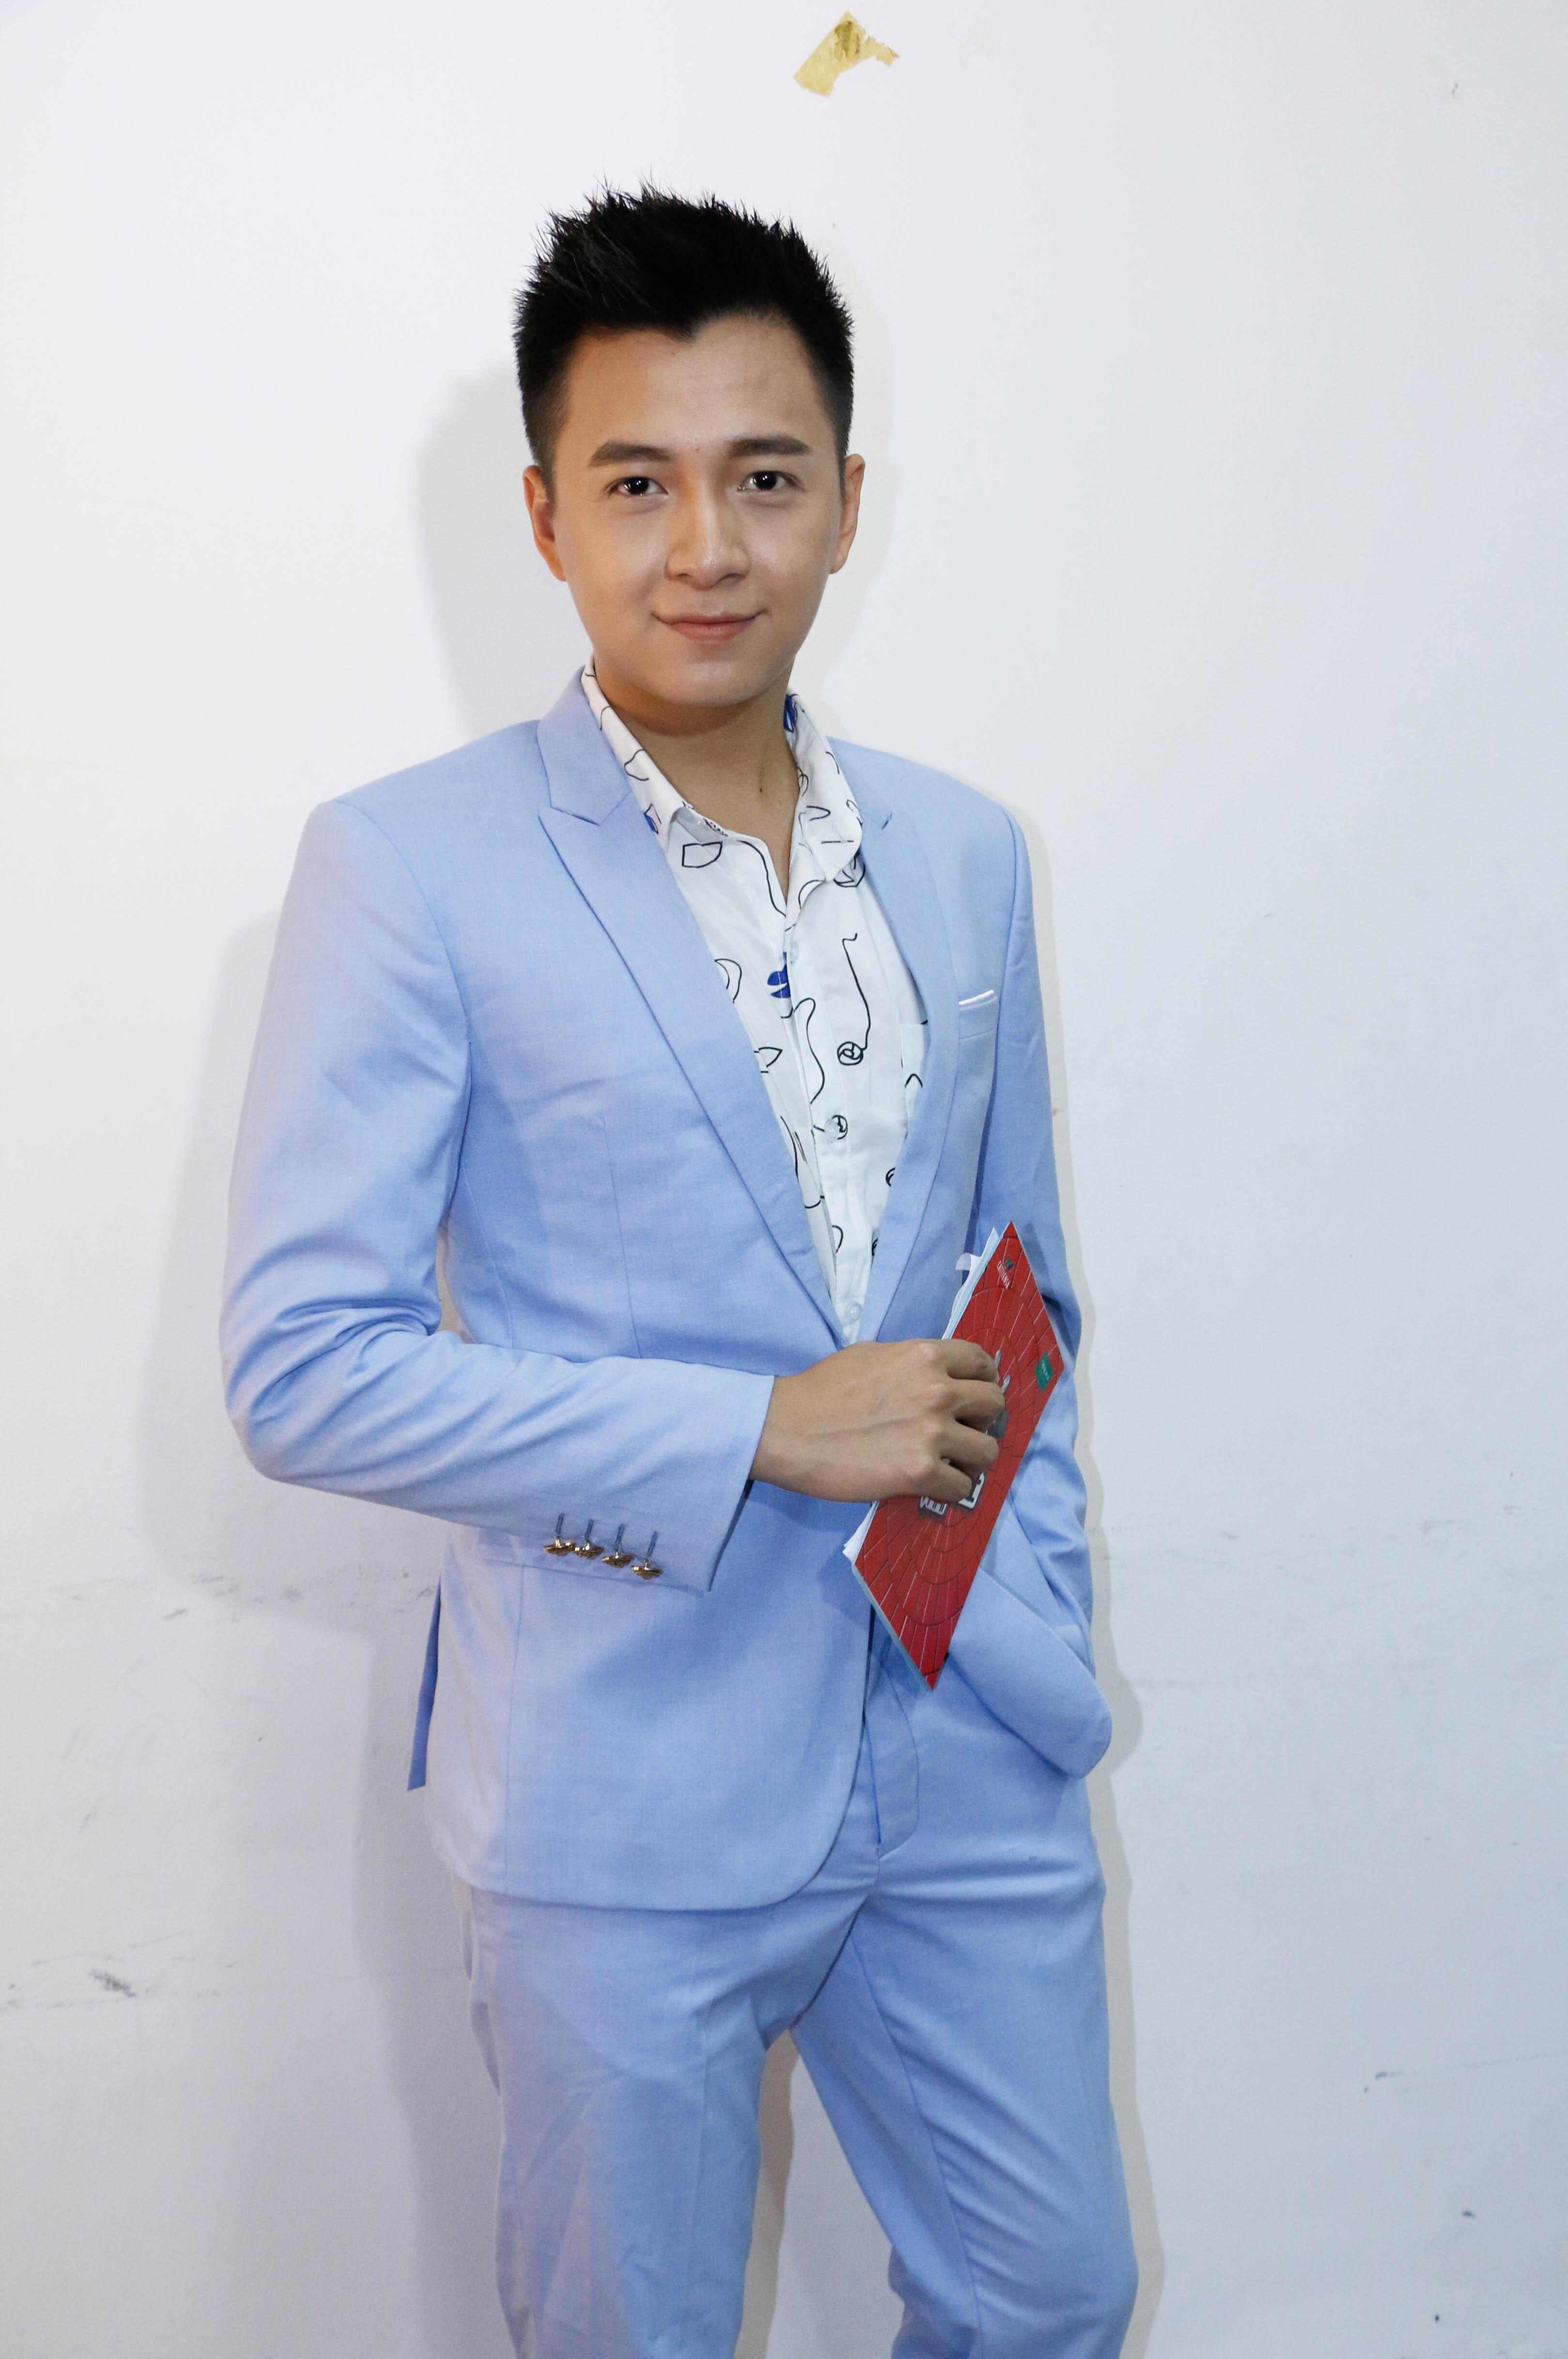 Ca sĩ Ngô Kiến Huy trông rất bảnh bao trong trang phục vest xanh thanh lịch